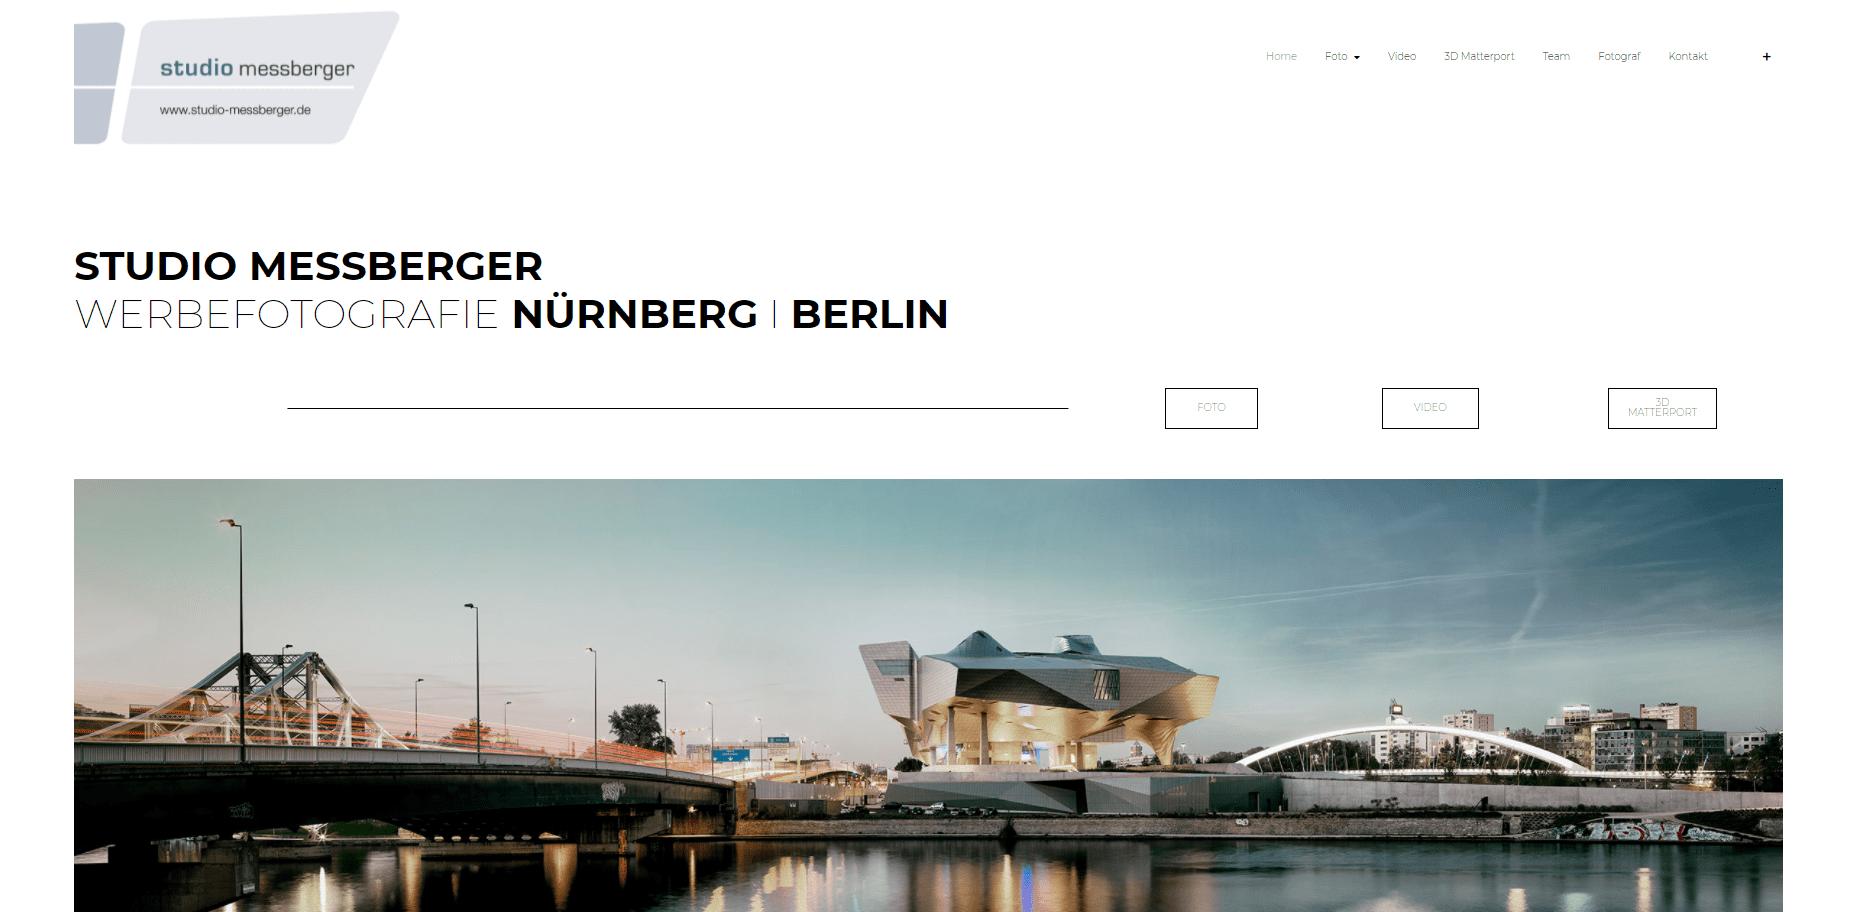 Pagestarter Websiteerstellung Referenz Studio Messberger